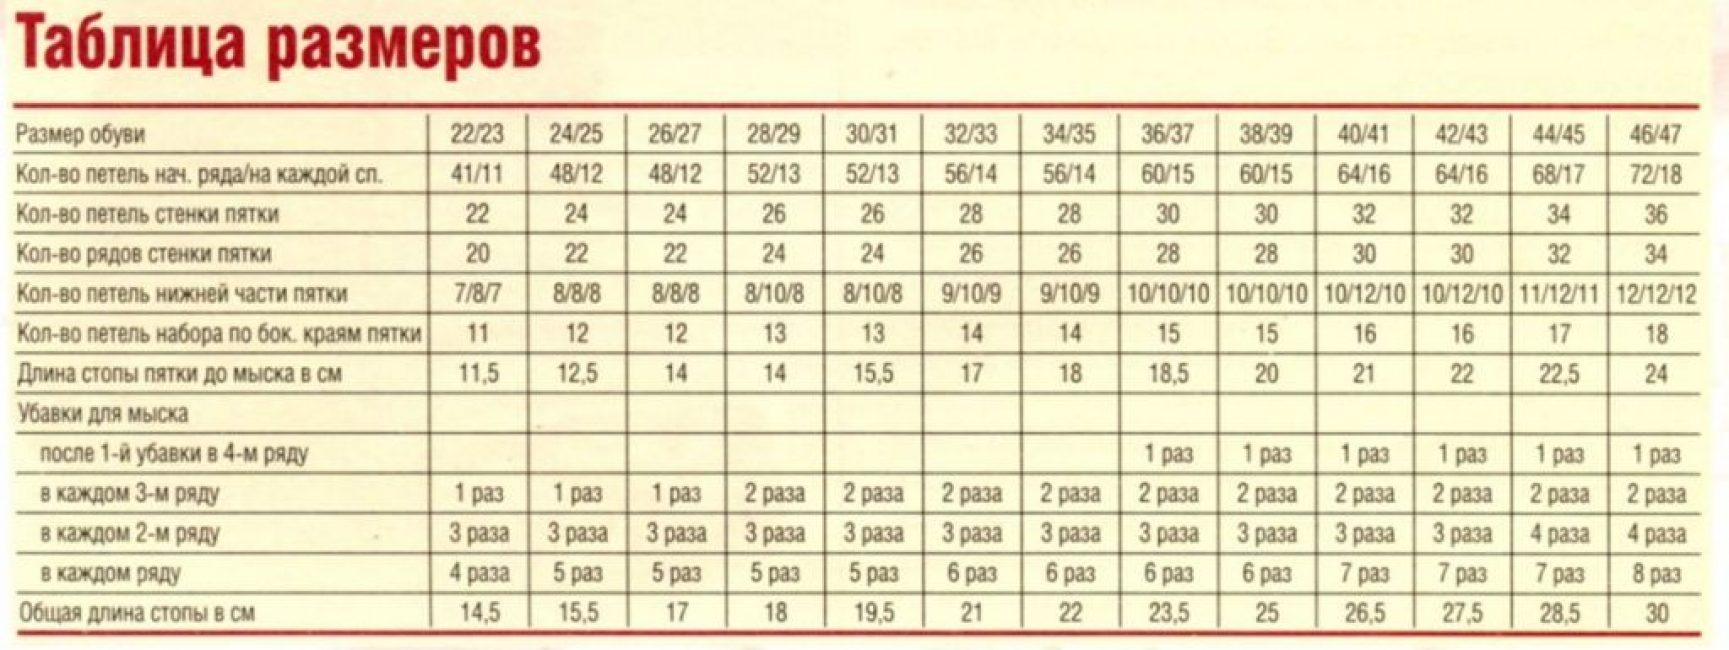 Таблица расчёта размеров